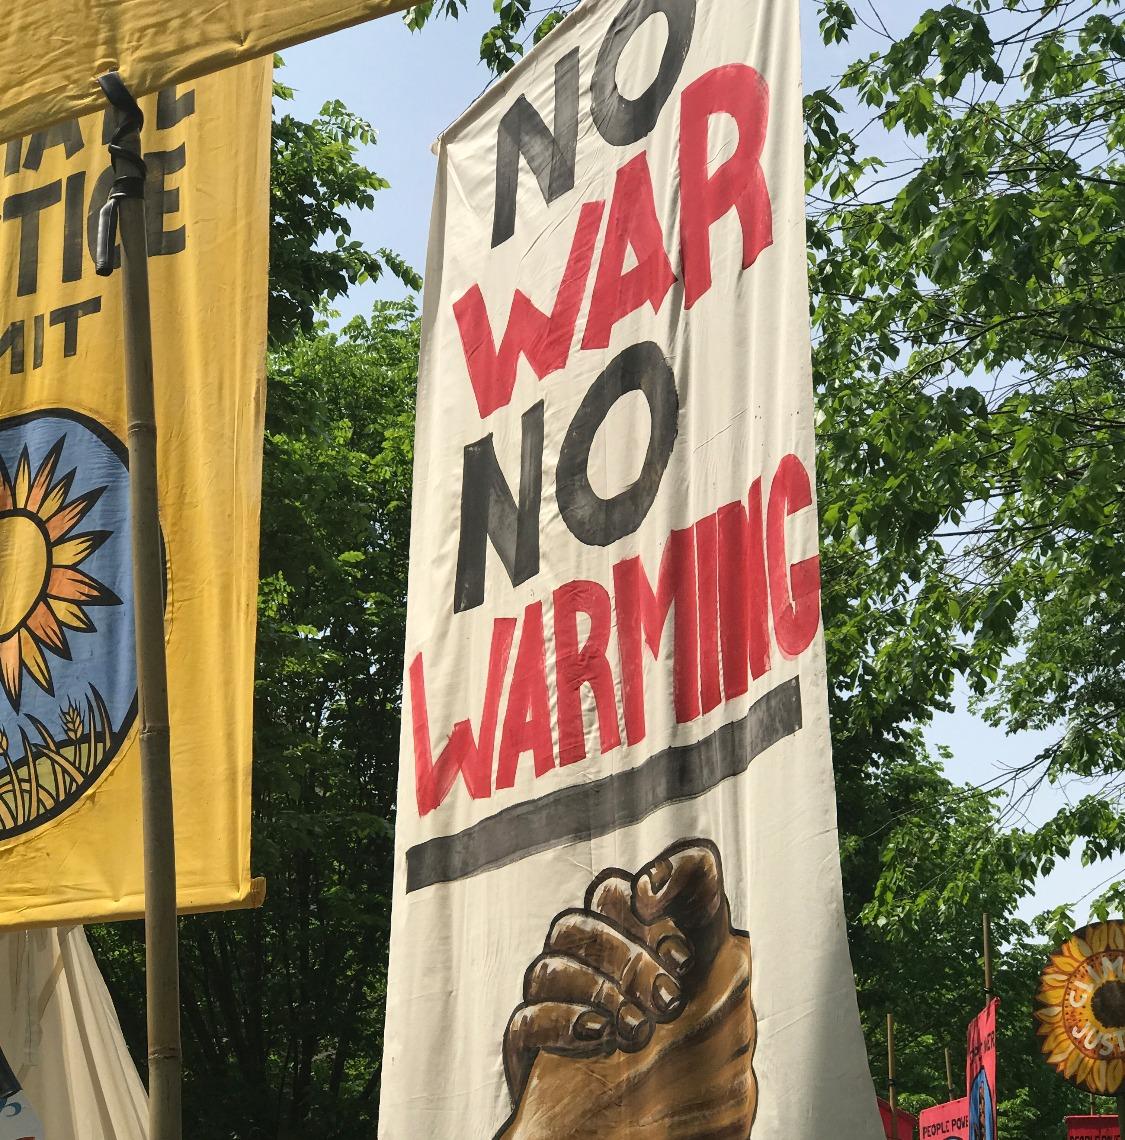 No war, no warming